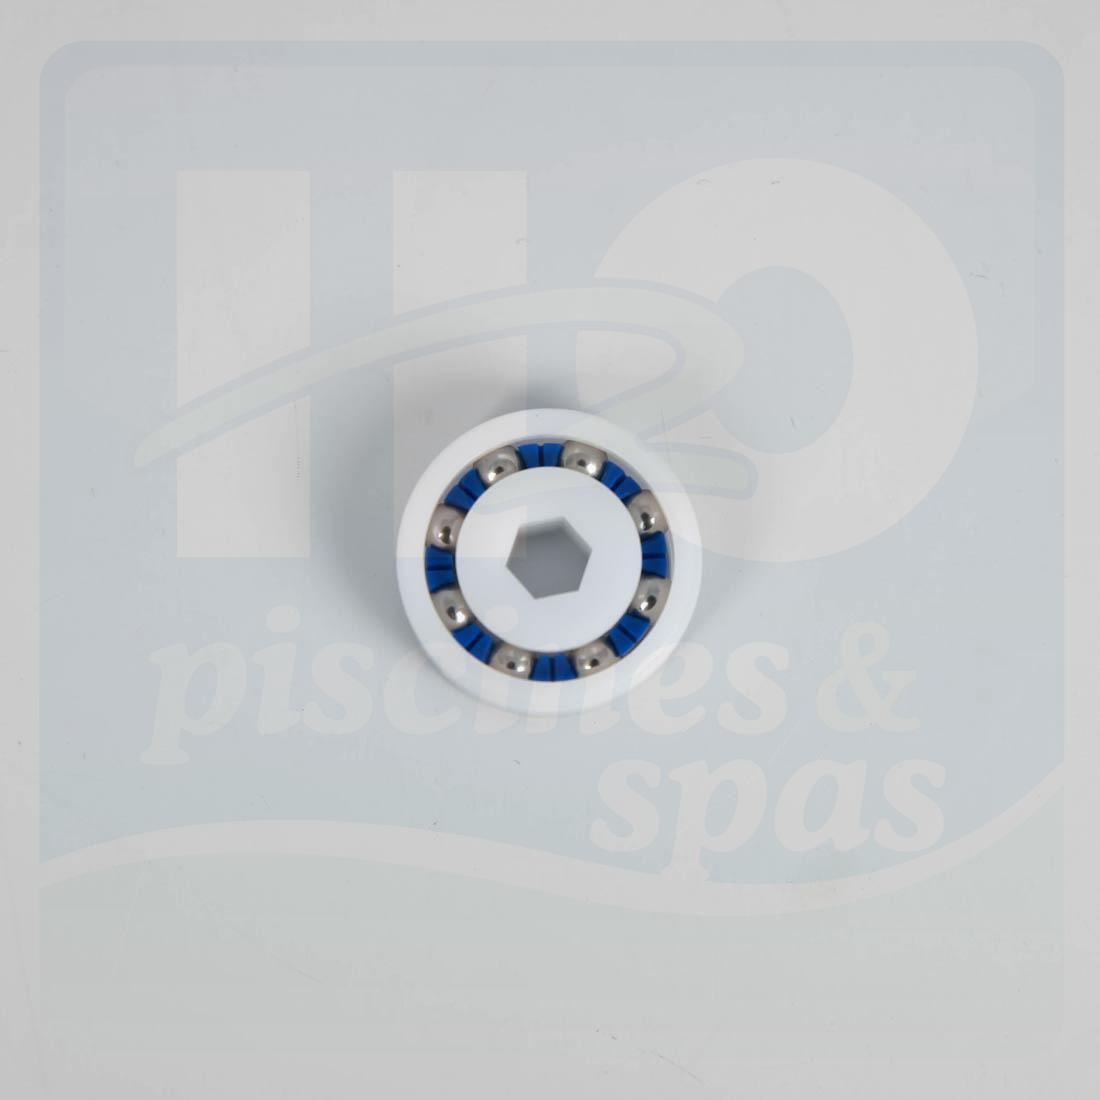 Roulement de roue de robot polaris 340 360 380 h2o for Robot piscine polaris 380